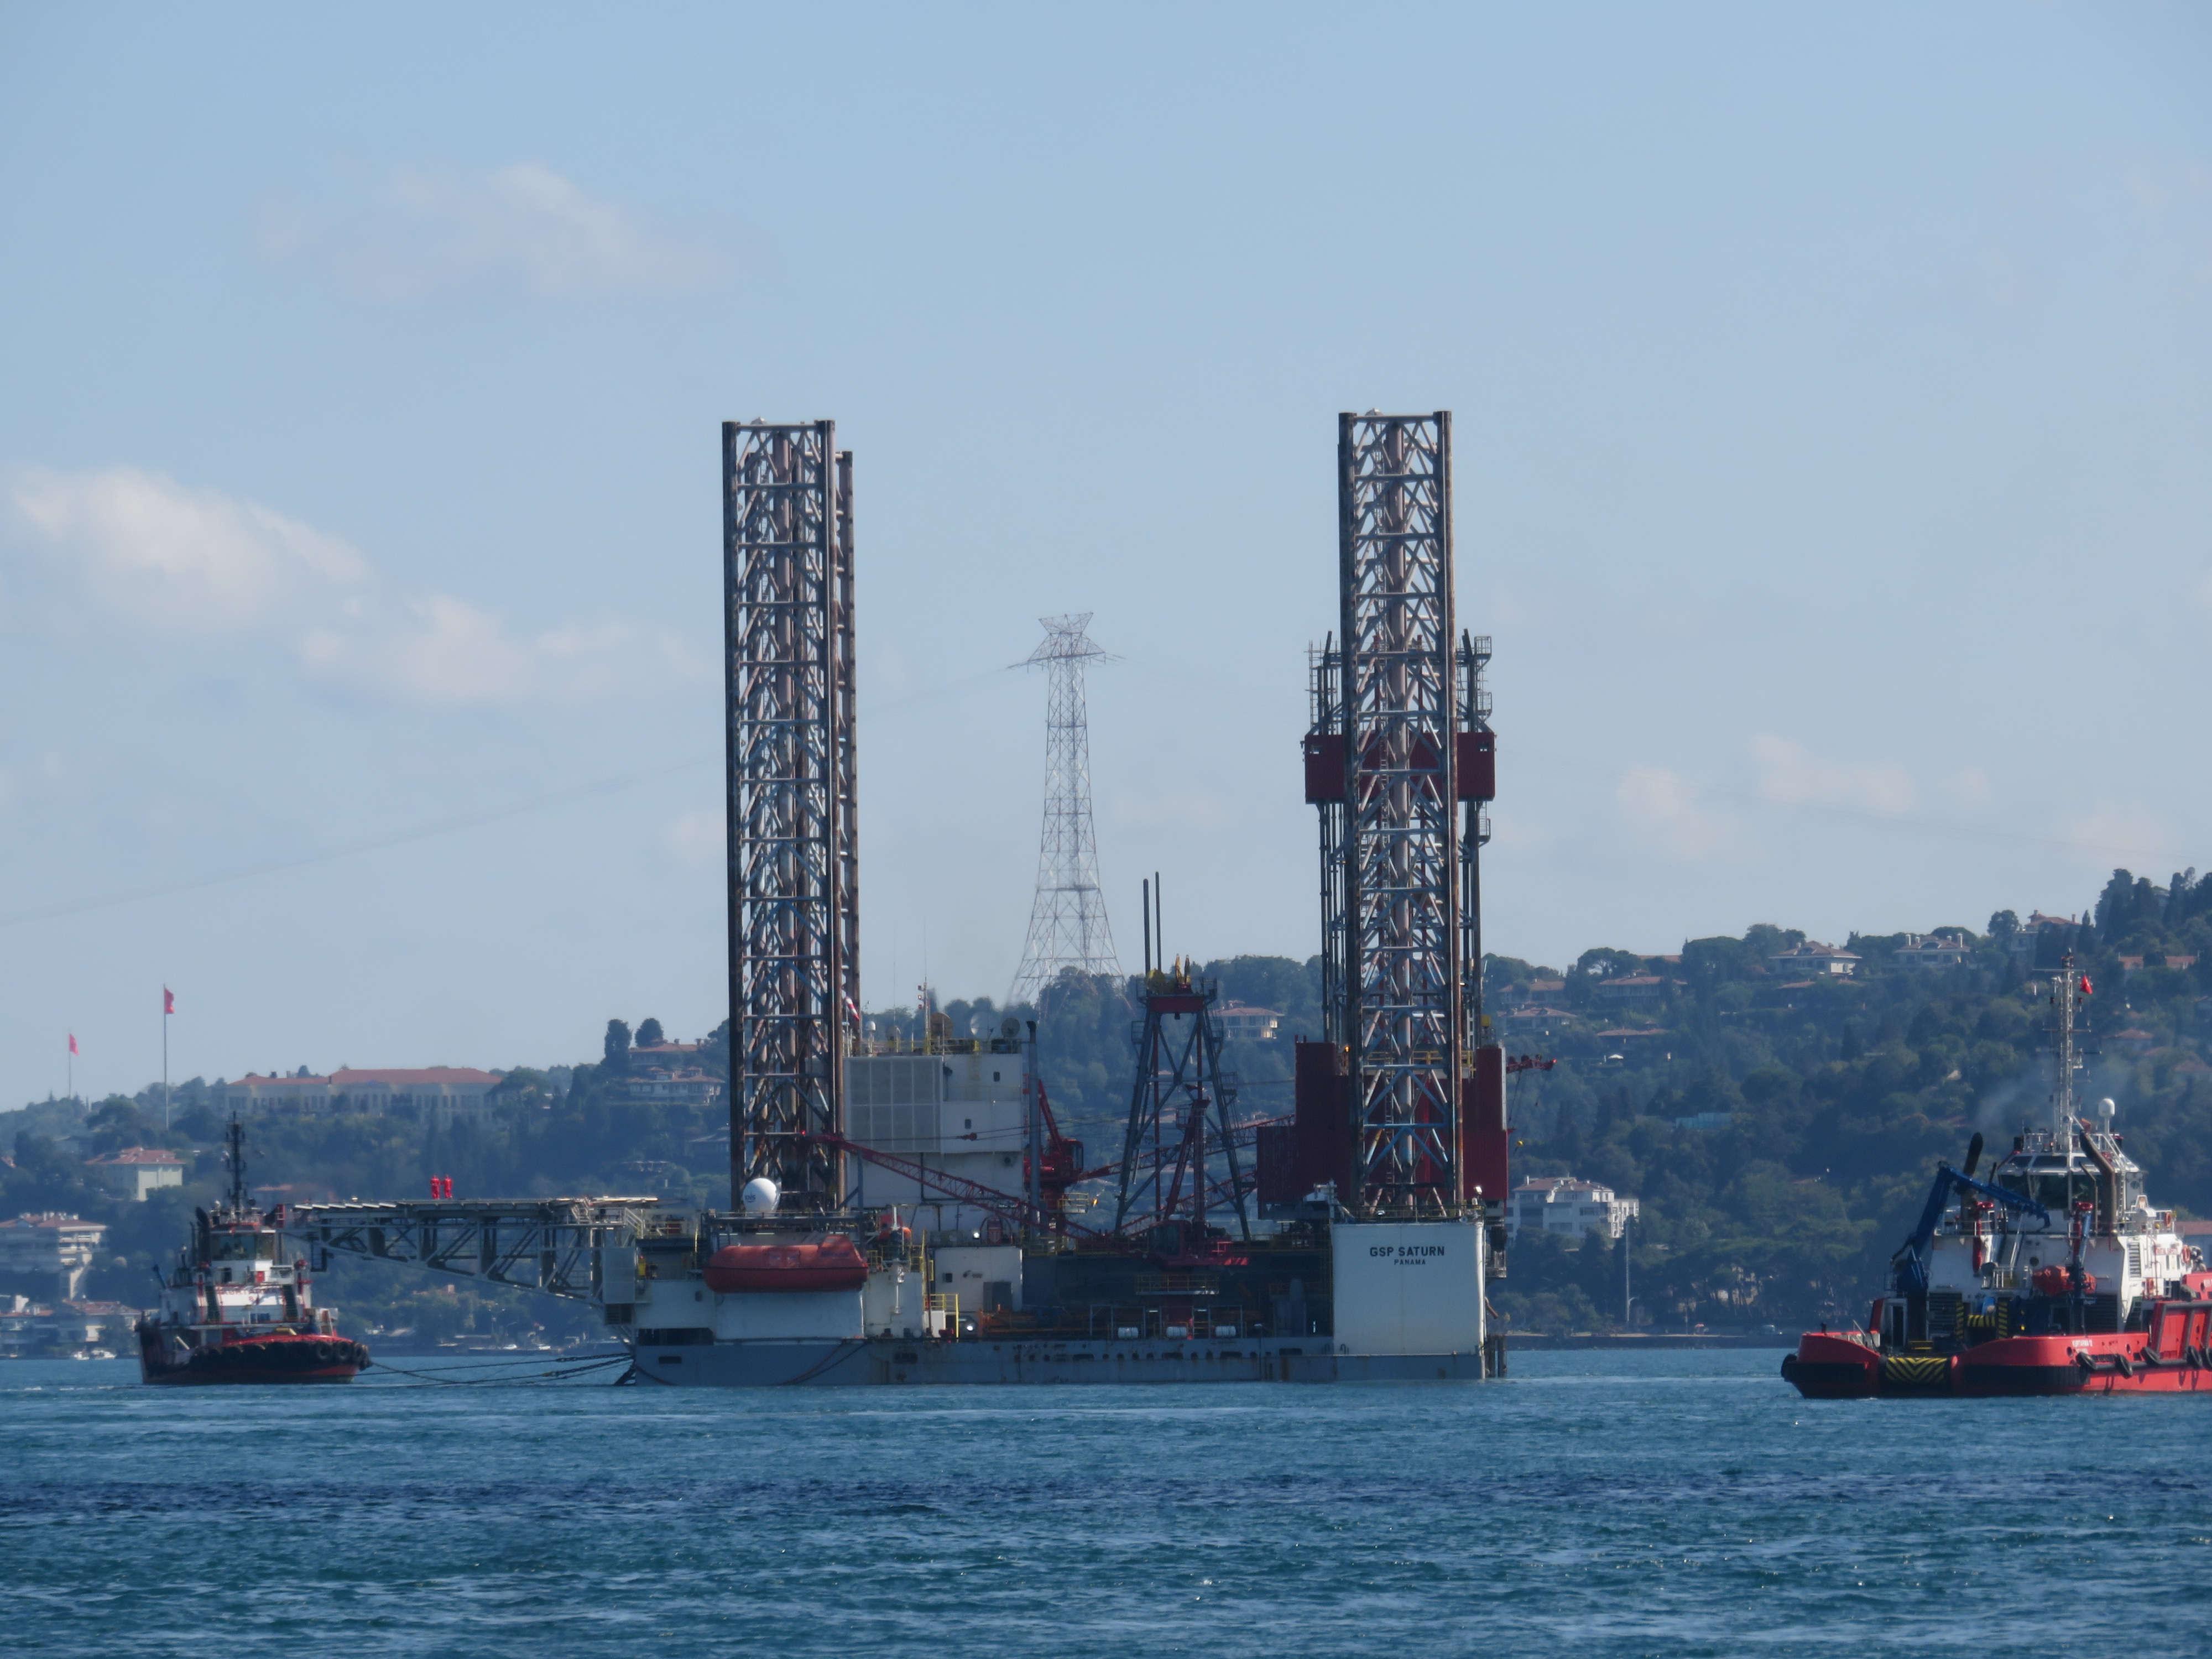 dev-petrol-platformu-istanbul-bogazindan-geciyor-1-8647-dhaphoto5.jpg